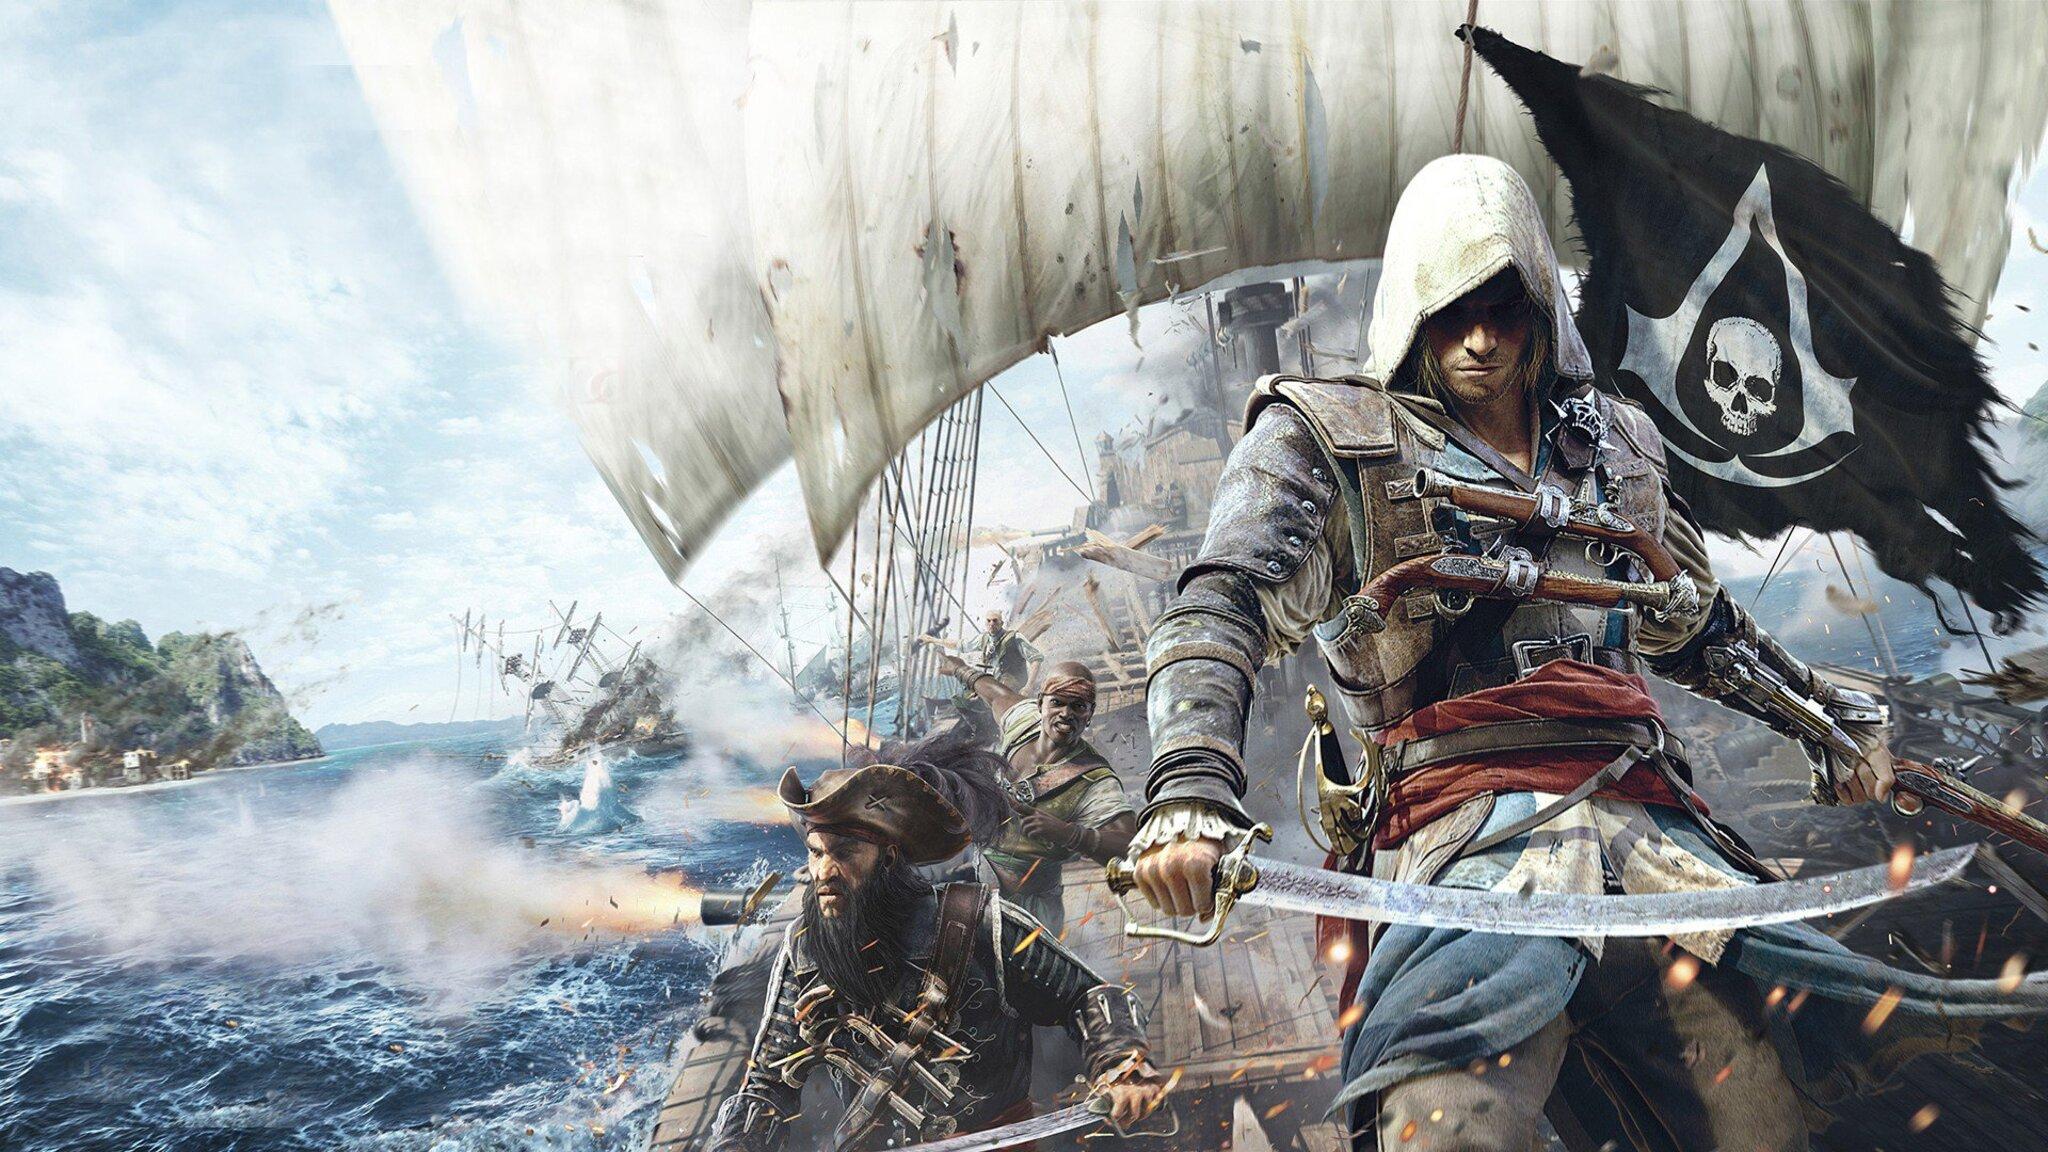 <b>Assassin'-s Creed</b> 3 Wallpaper 798939 - WallDevil